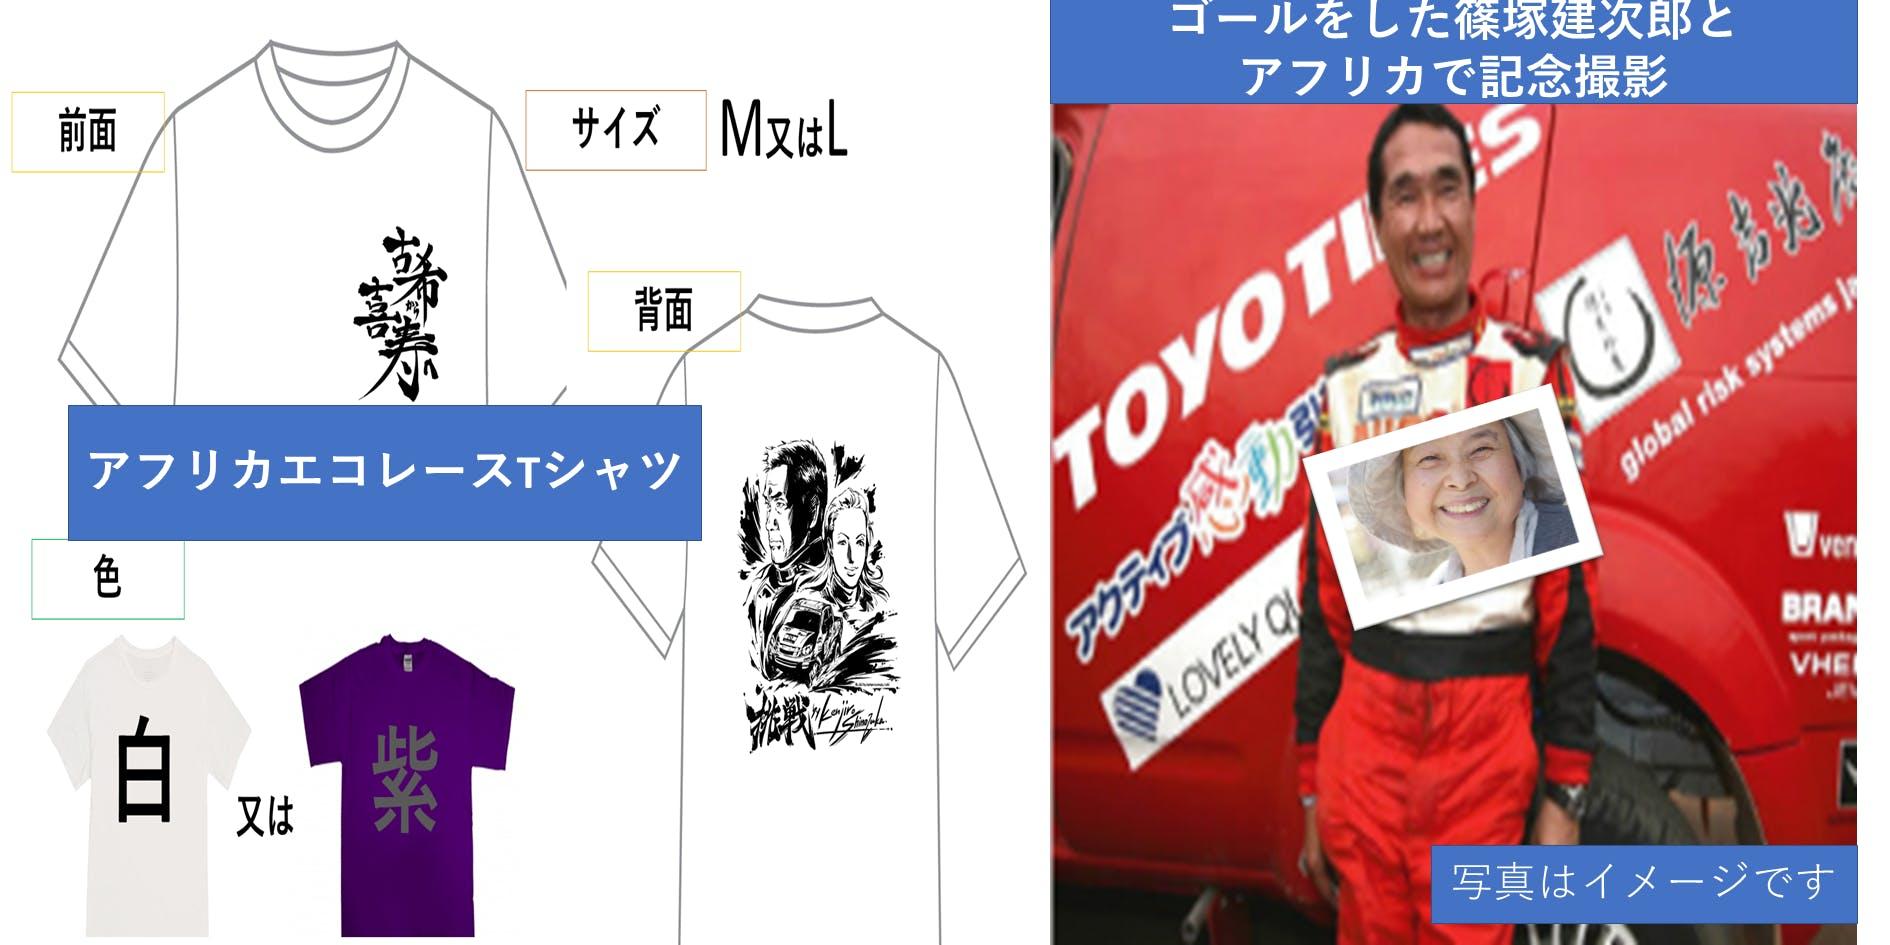 1万円リターン